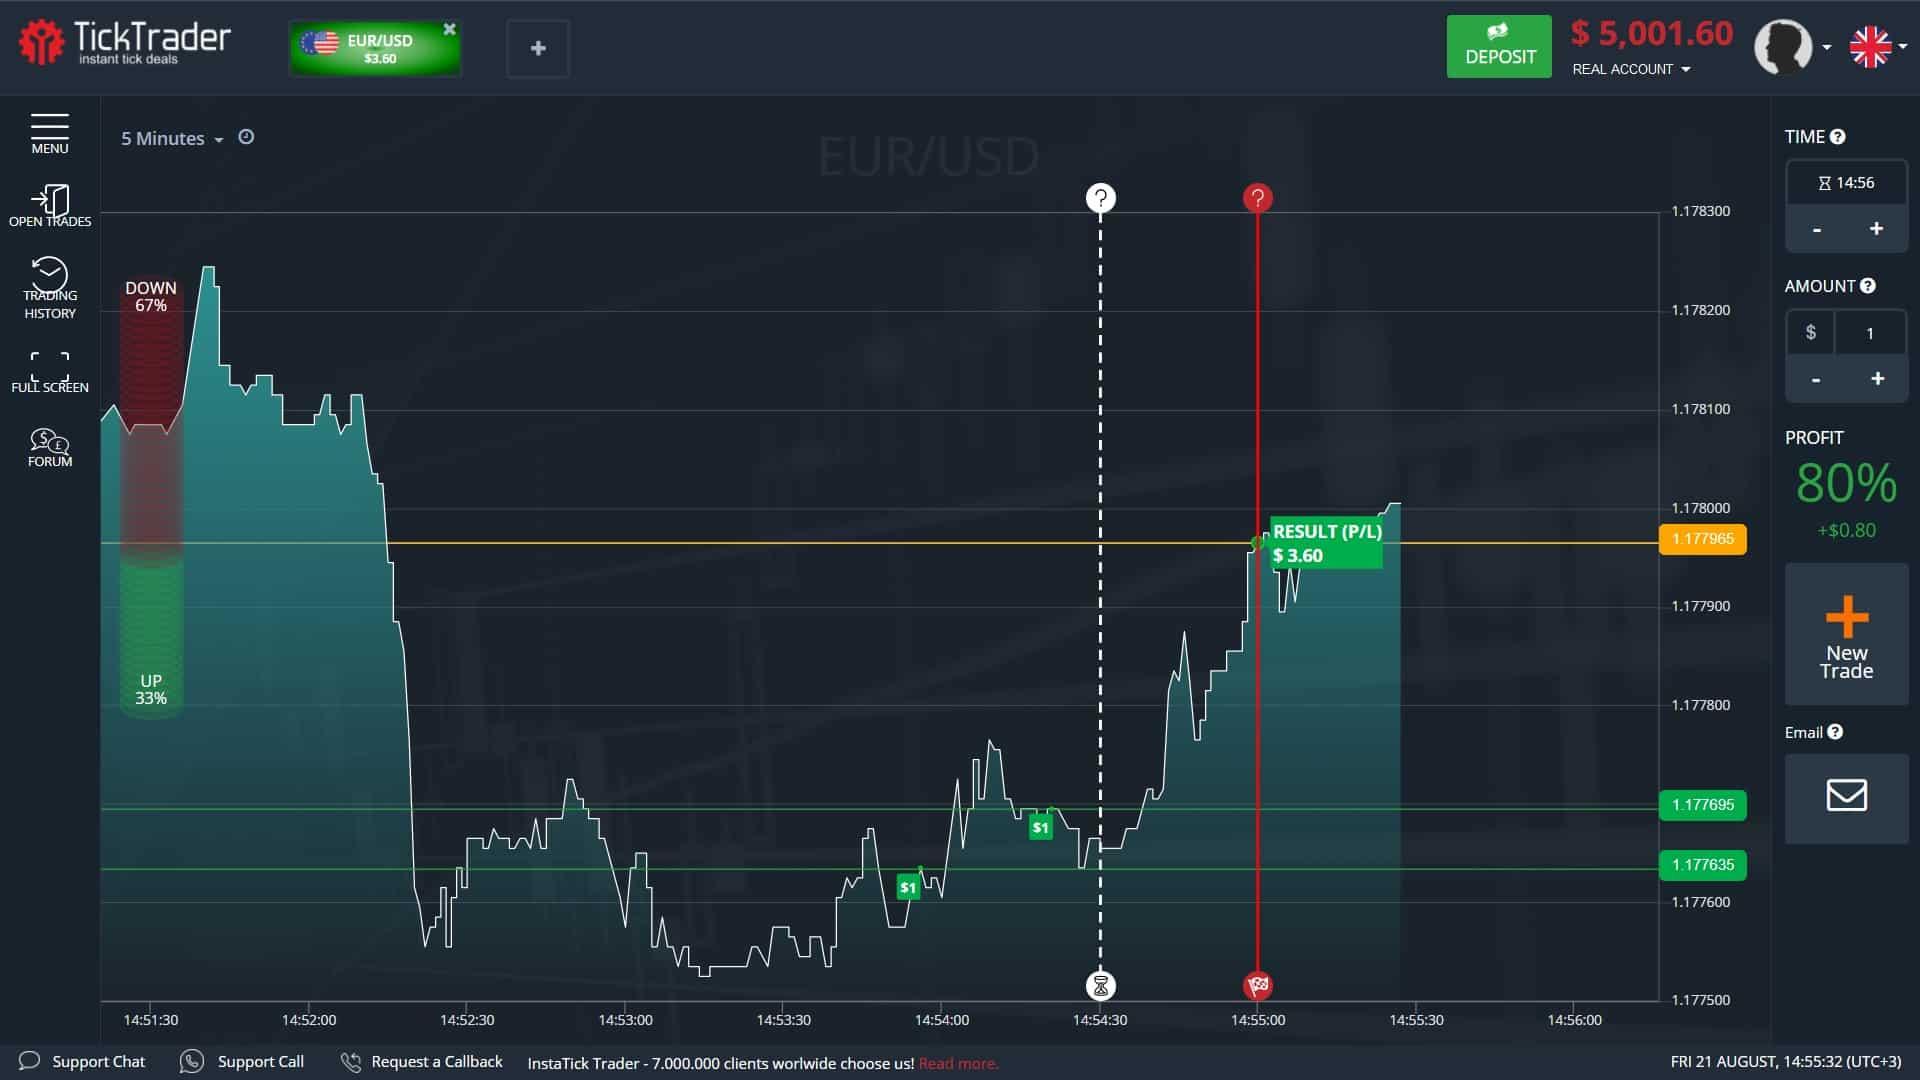 InstaTick Trader platform